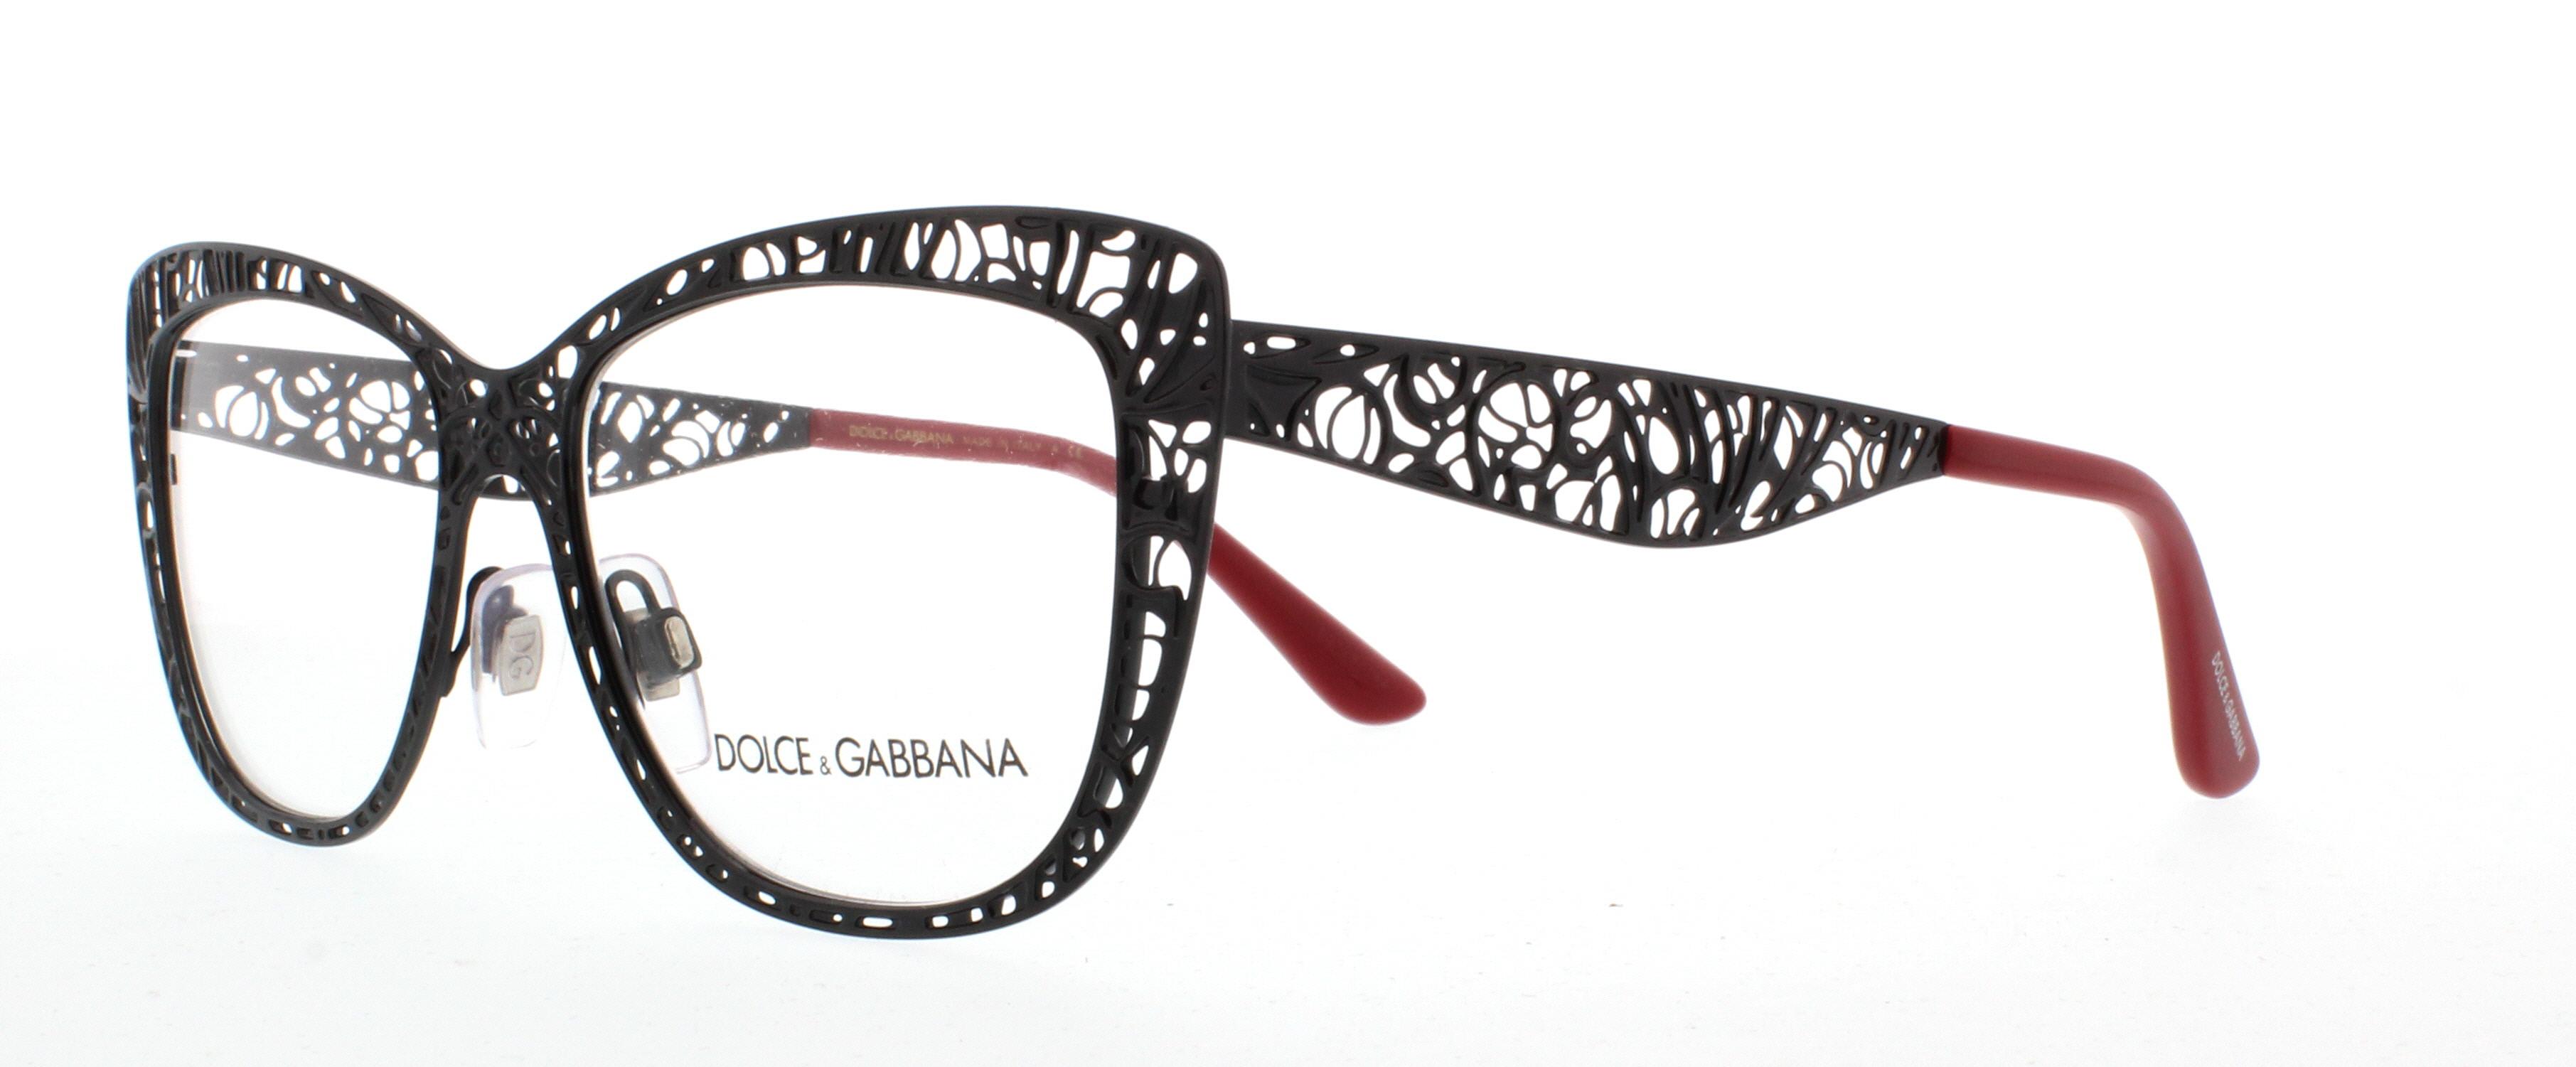 Designer Frames Outlet. Dolce & Gabbana DG1287